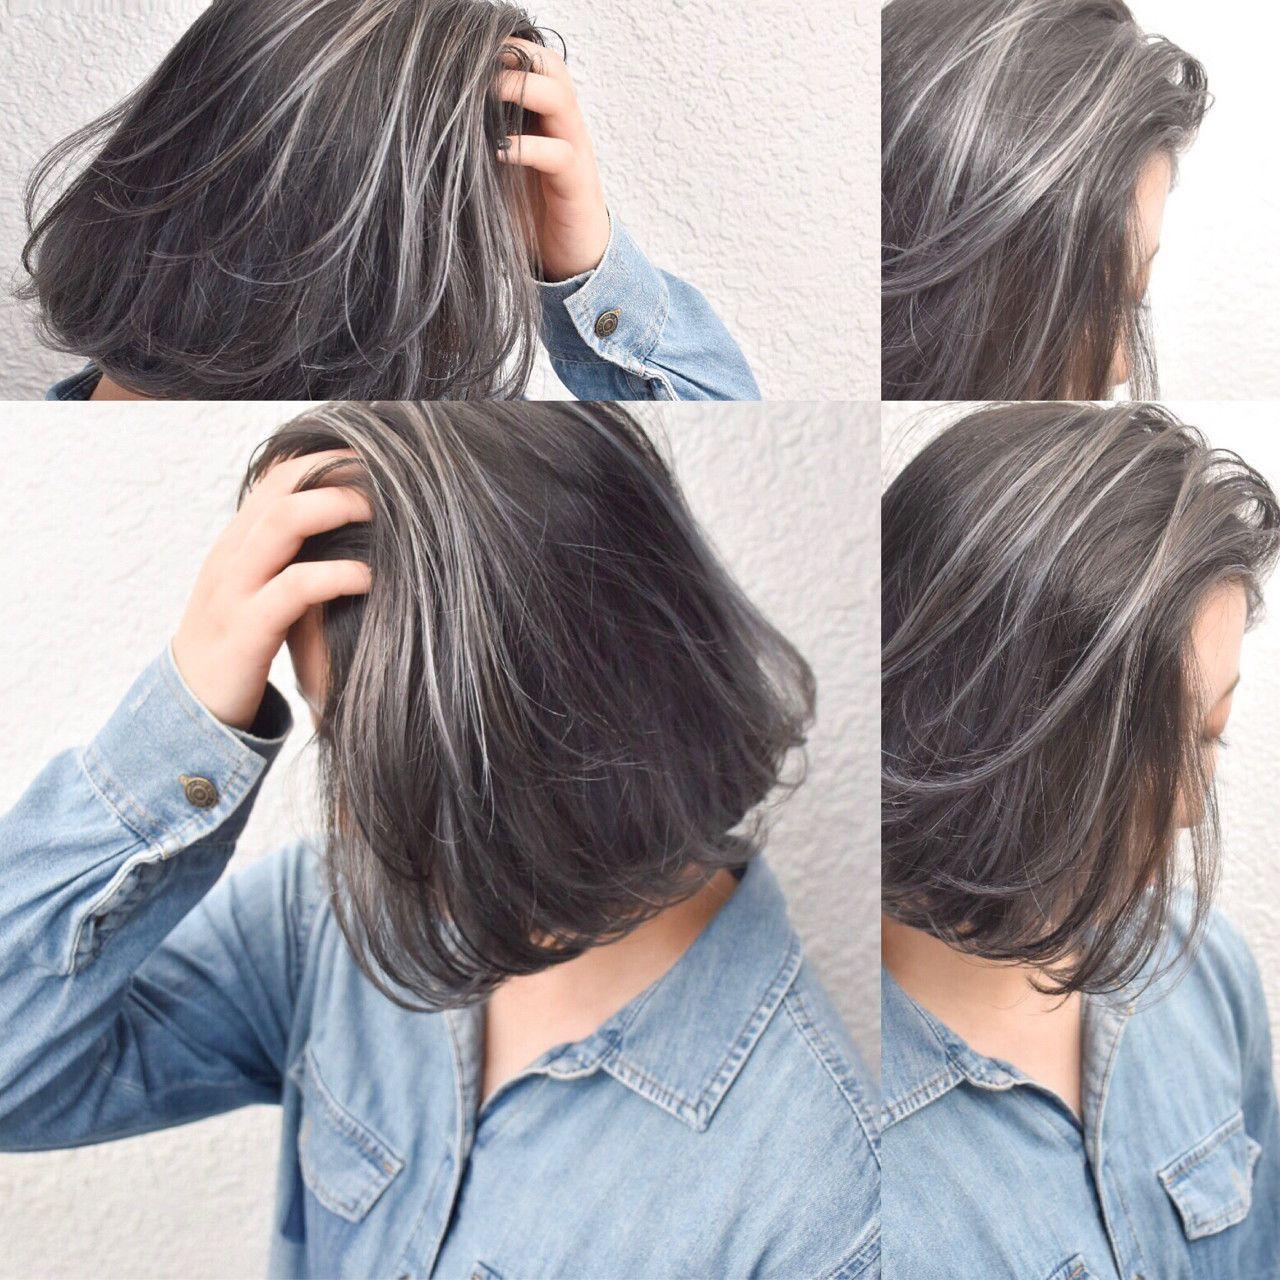 外国人ハイライト ホワイトグレー ハイライト 髪 髪 カラー 髪 色